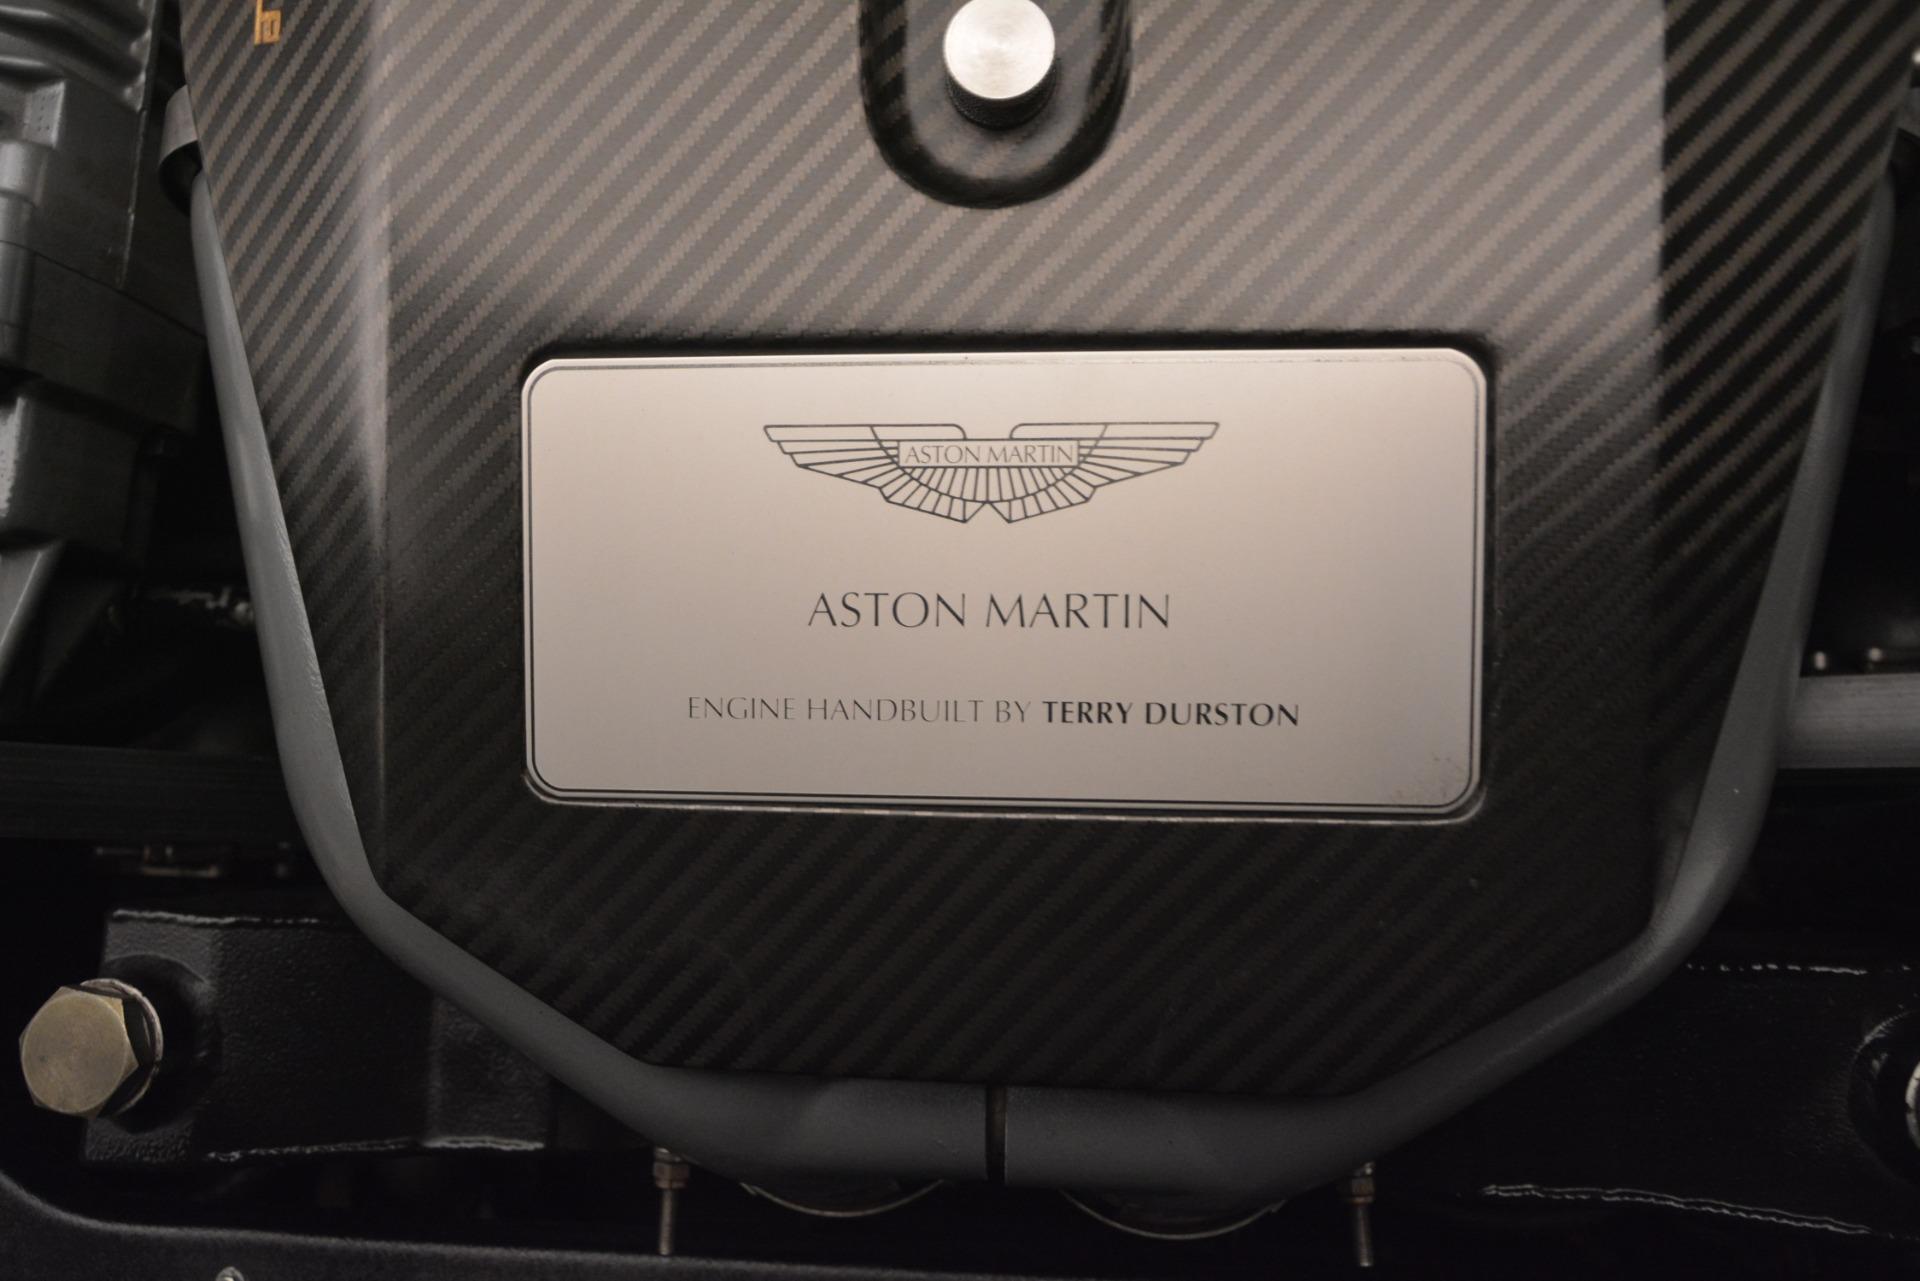 Used 1999 Aston Martin V8 Vantage Le Mans V600  For Sale In Westport, CT 2789_p31